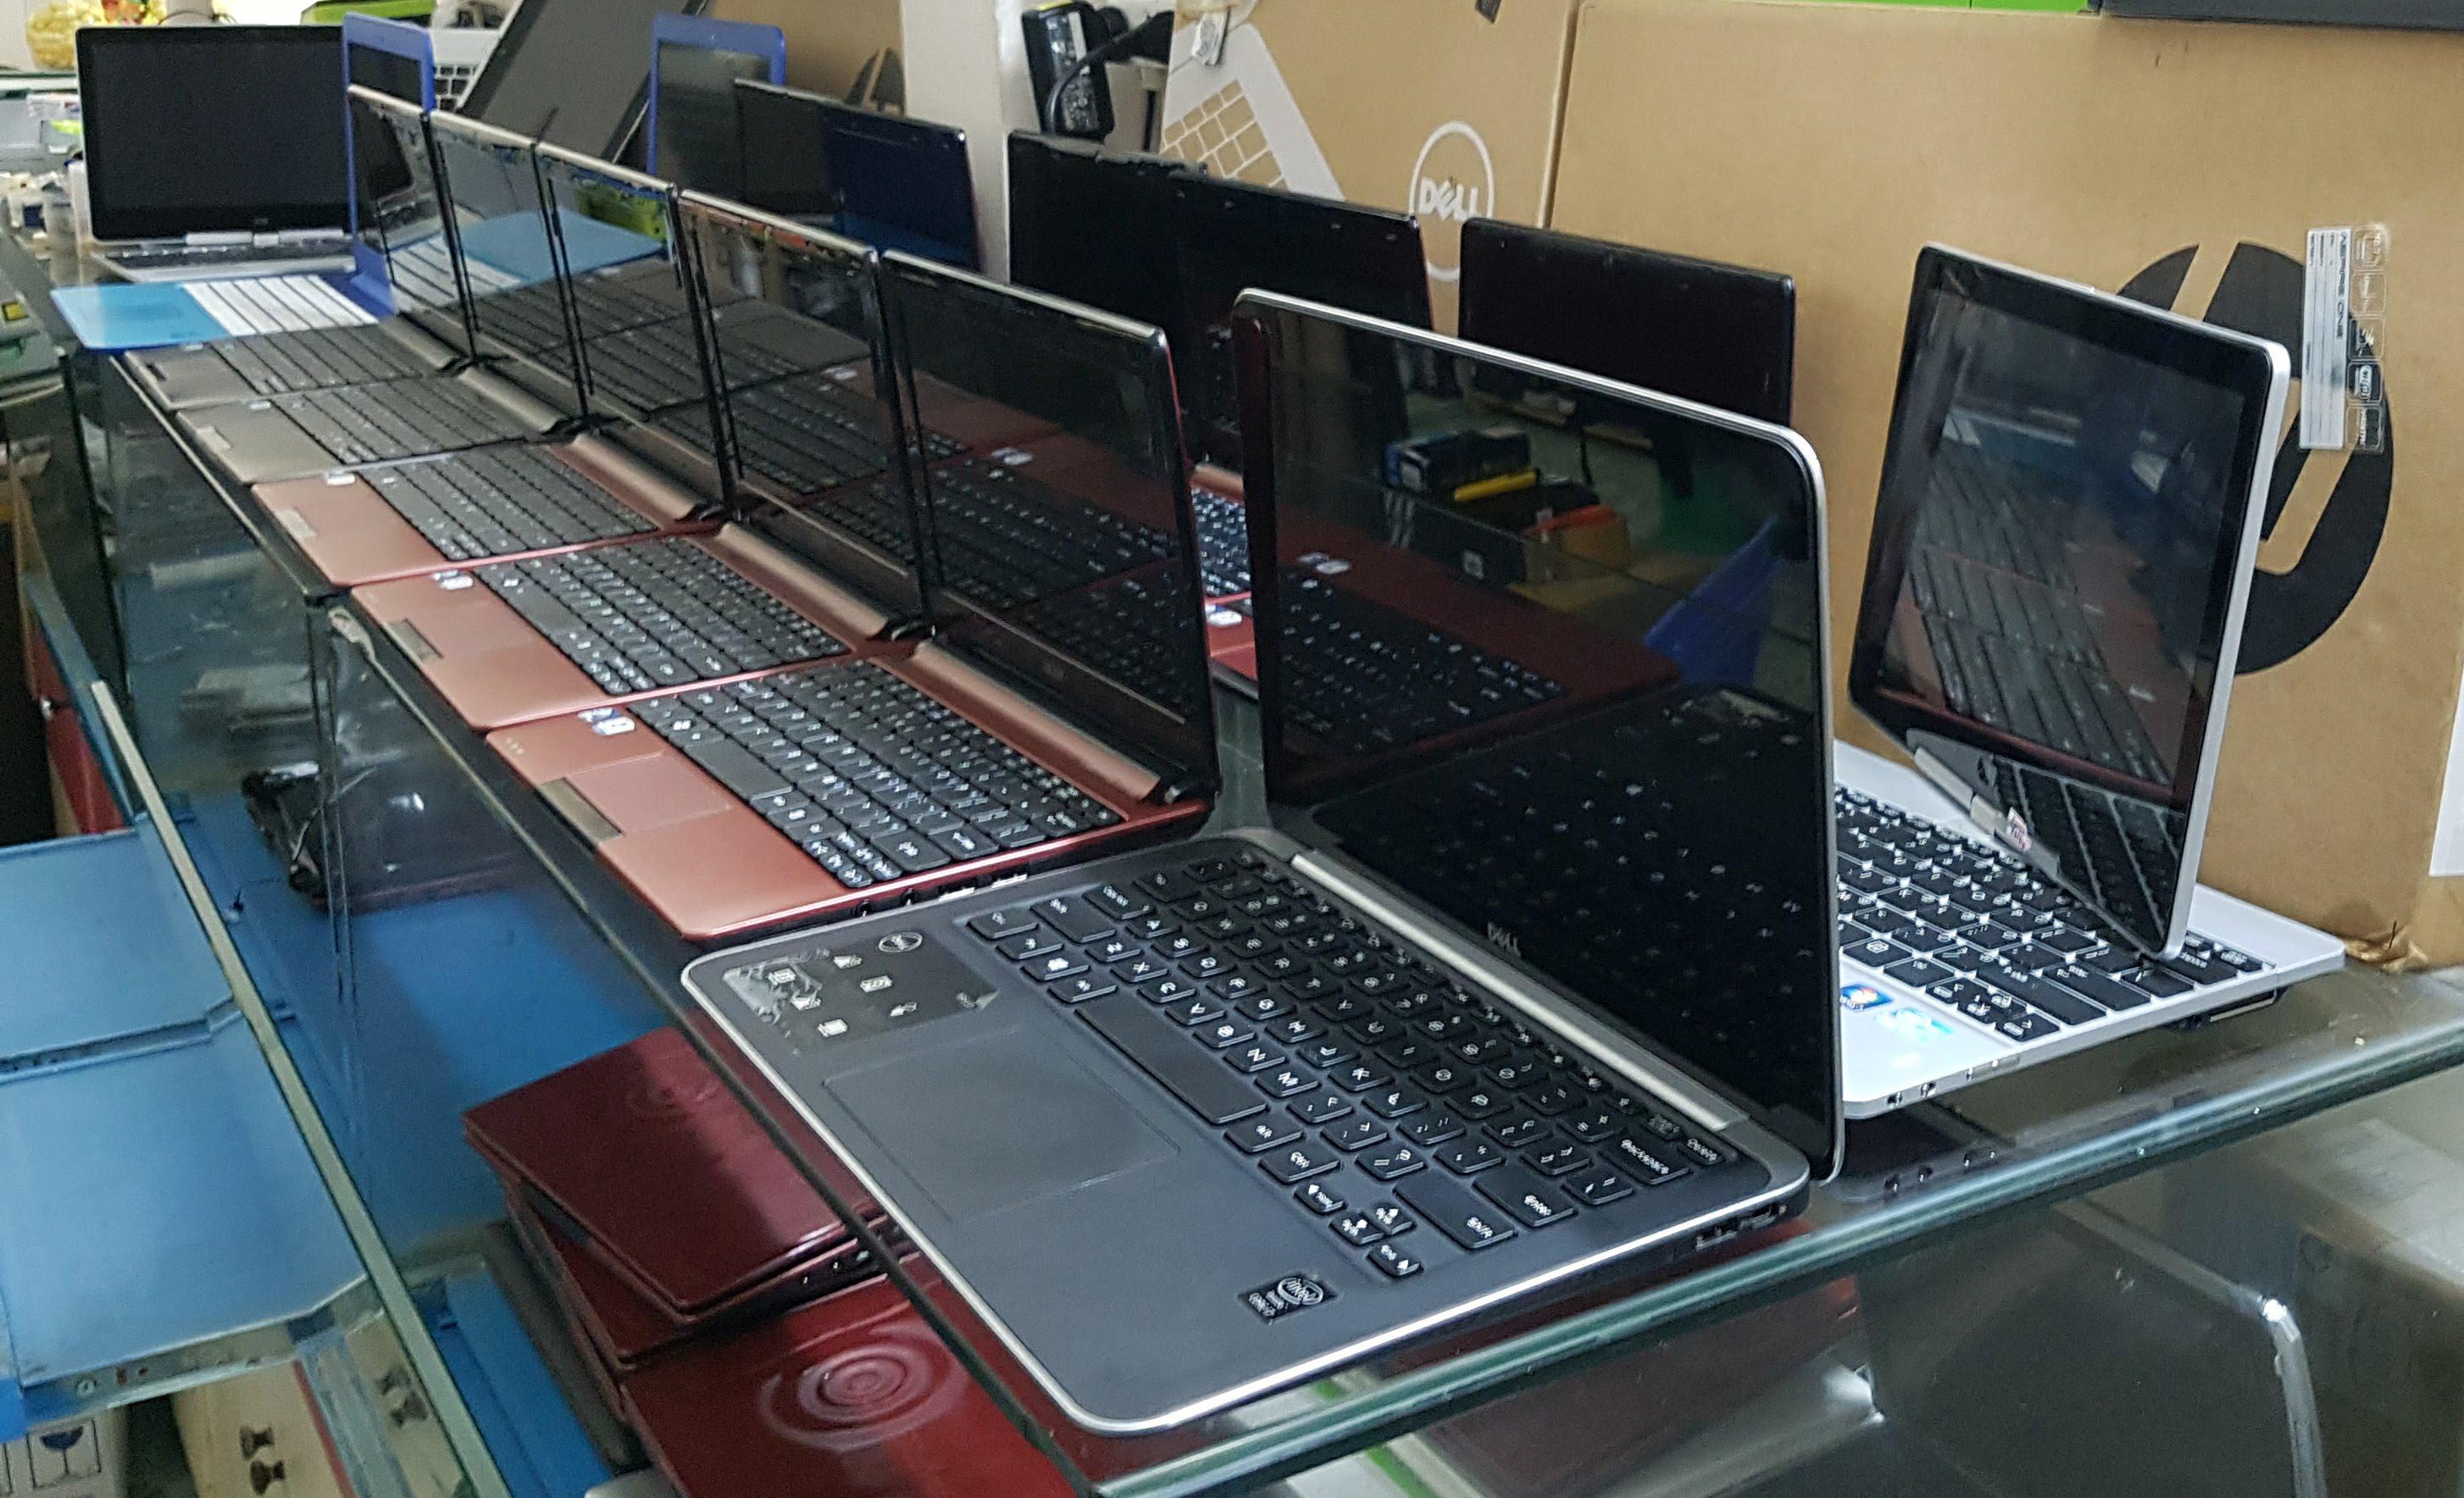 Nếu nhu cầu bạn cần di chuyển nhiều nên mua máy tính mini của thương hiệu acer hoặc gateway, còn bạn muốn thương hiệu chút thì sử dụng laptop HP hặc Sony, Dell XPS phù hợp với những bạn thích cấu hình mạnh và kiều dáng đẹp.